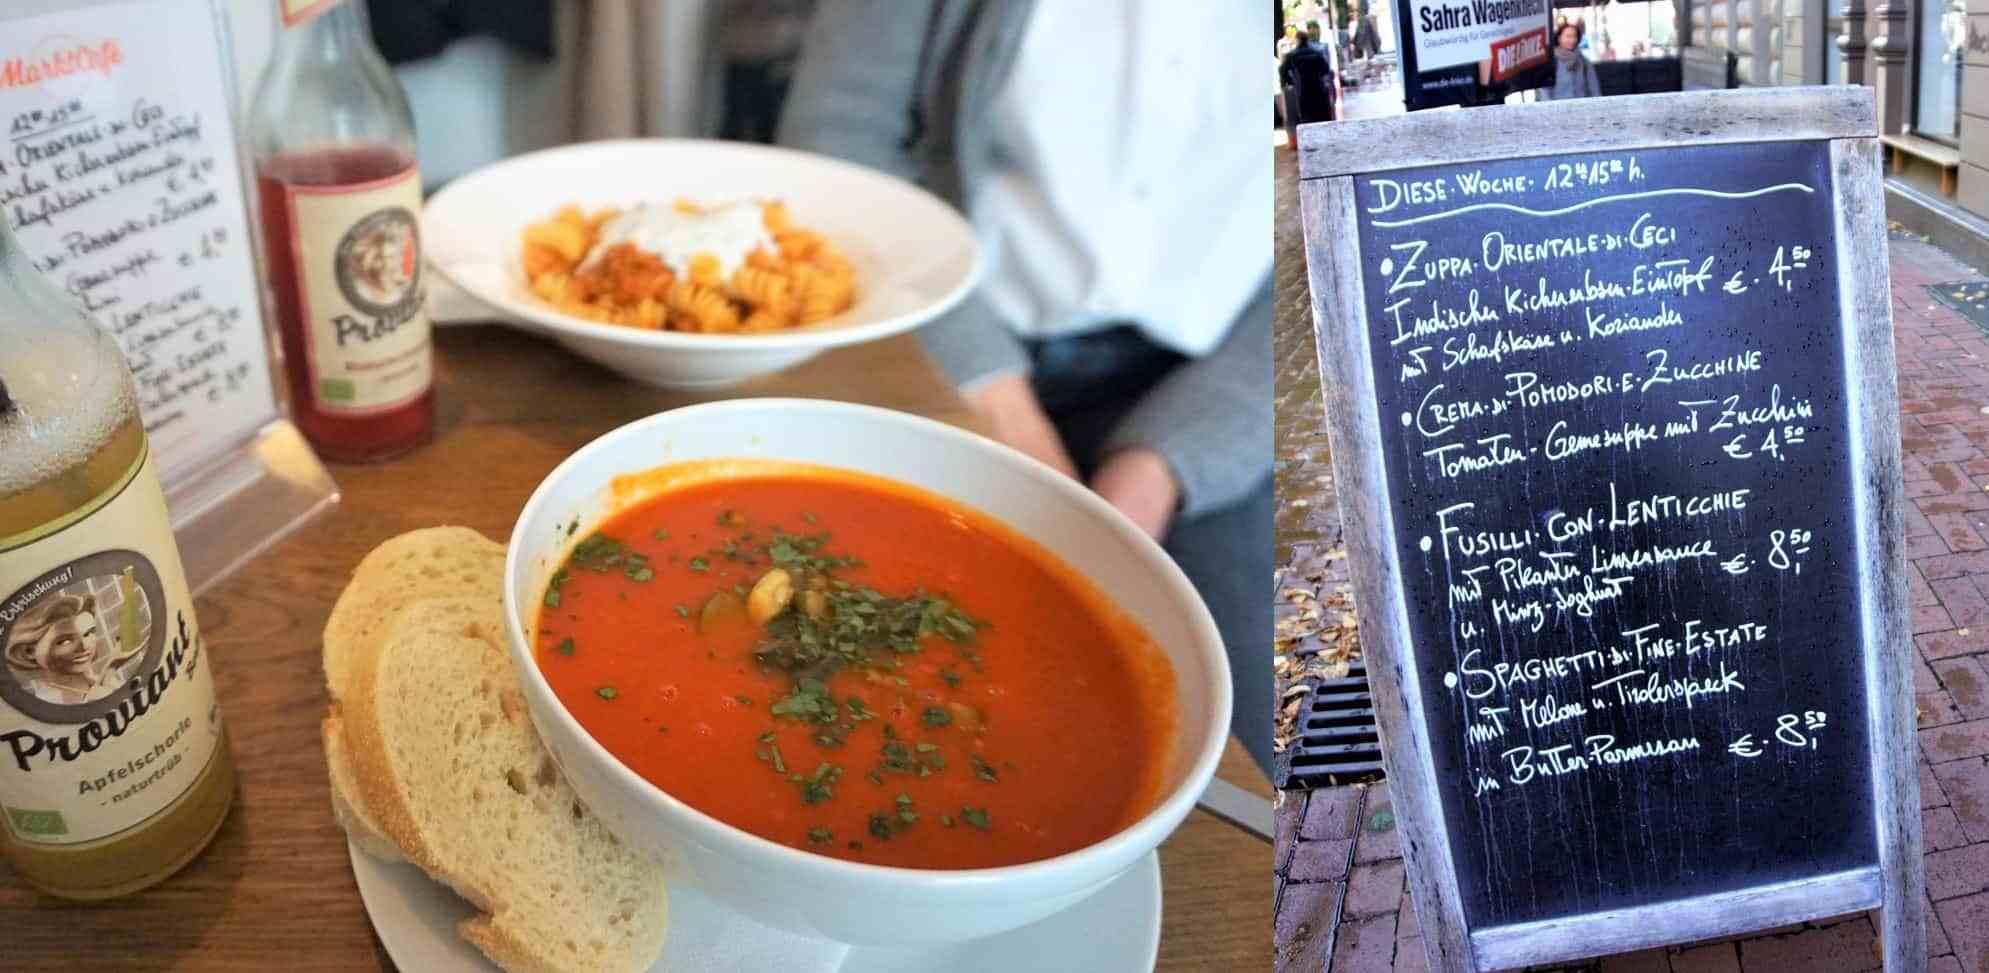 style hannover marktcafe 1 1 - La dolce vita im MarktCafé Linden